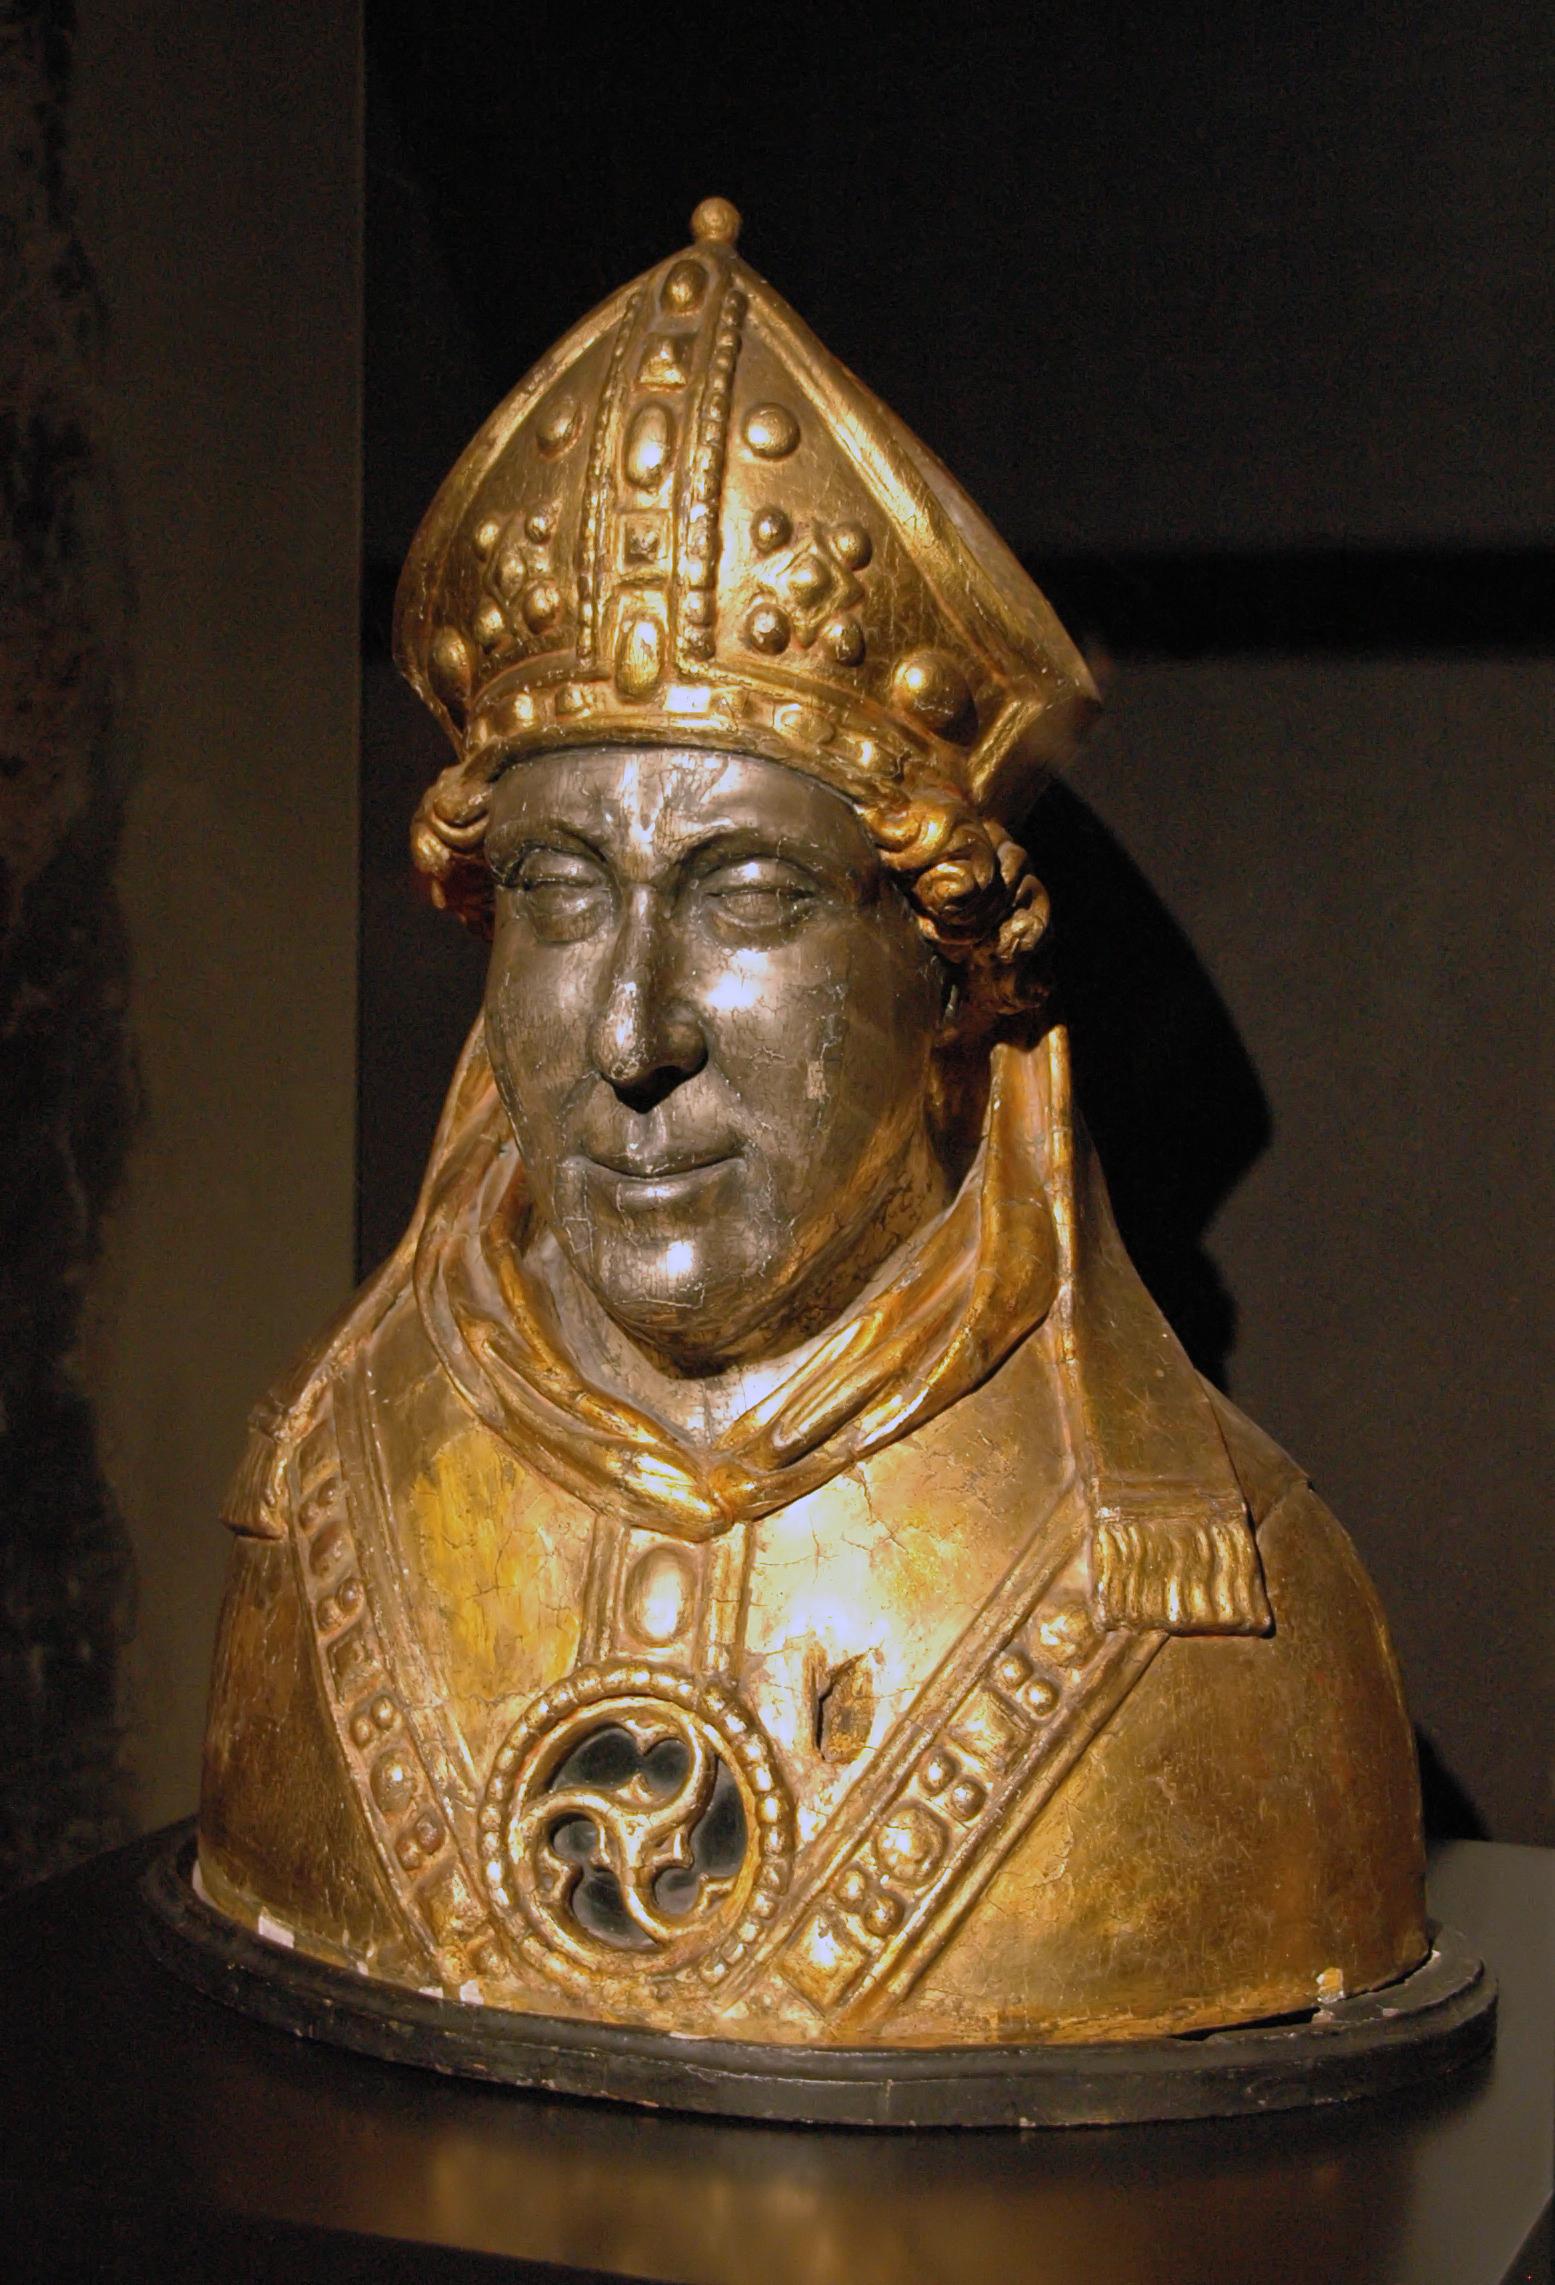 Depiction of Engelberto de Colonia